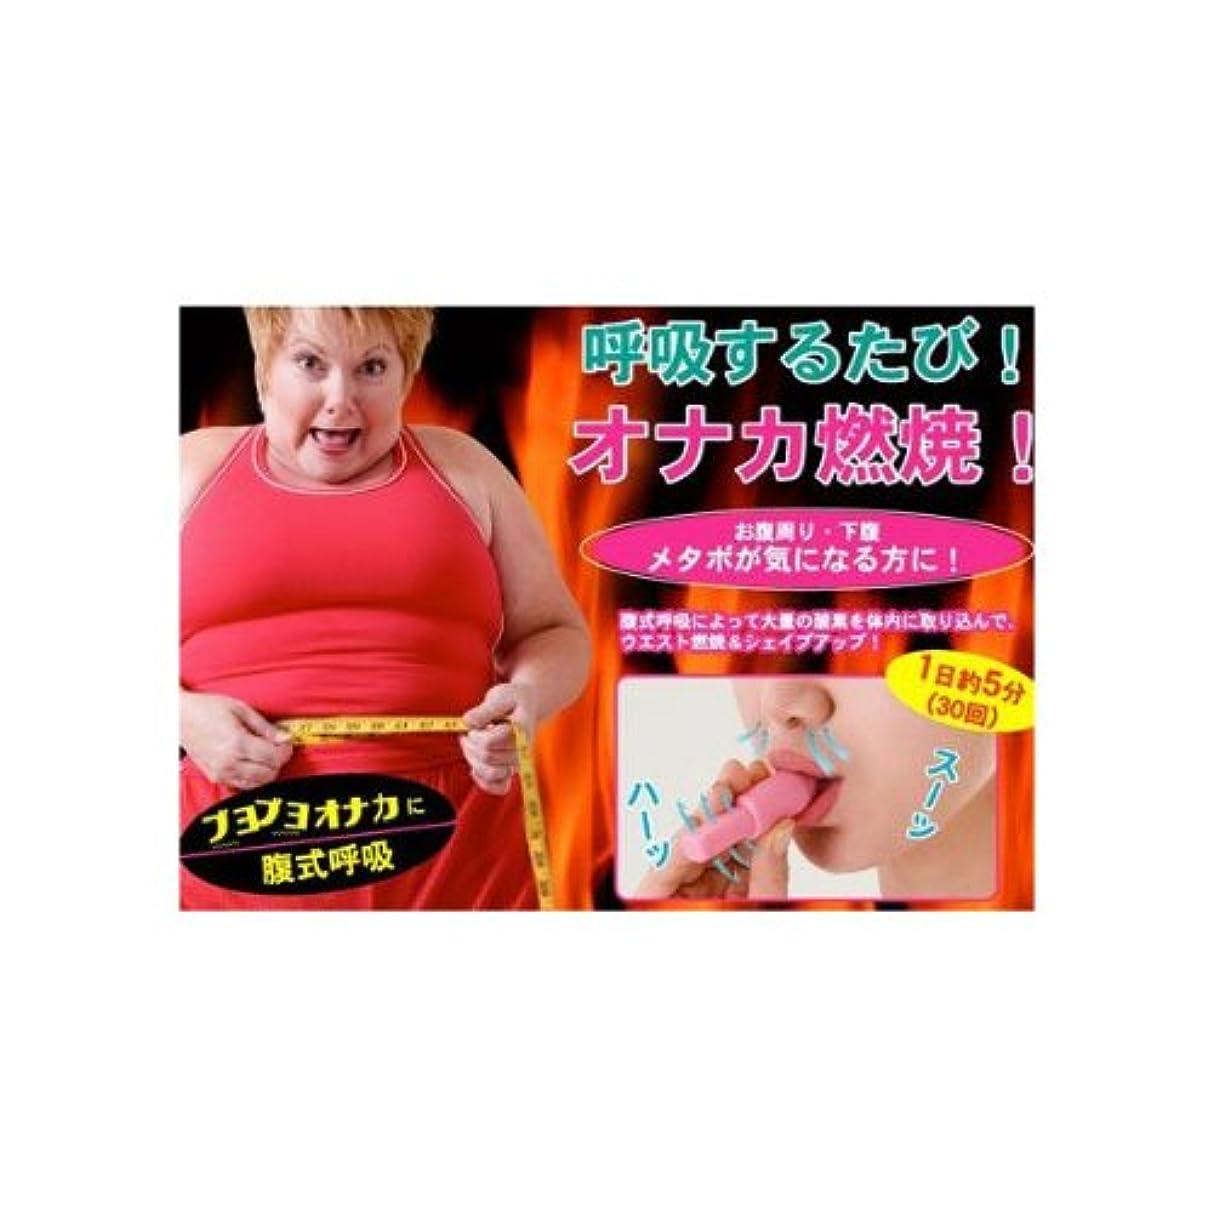 薄汚い序文歯痛腹式呼吸によってウエスト&エクササイズ!腹式呼吸ダイエット『カロリーブレス』